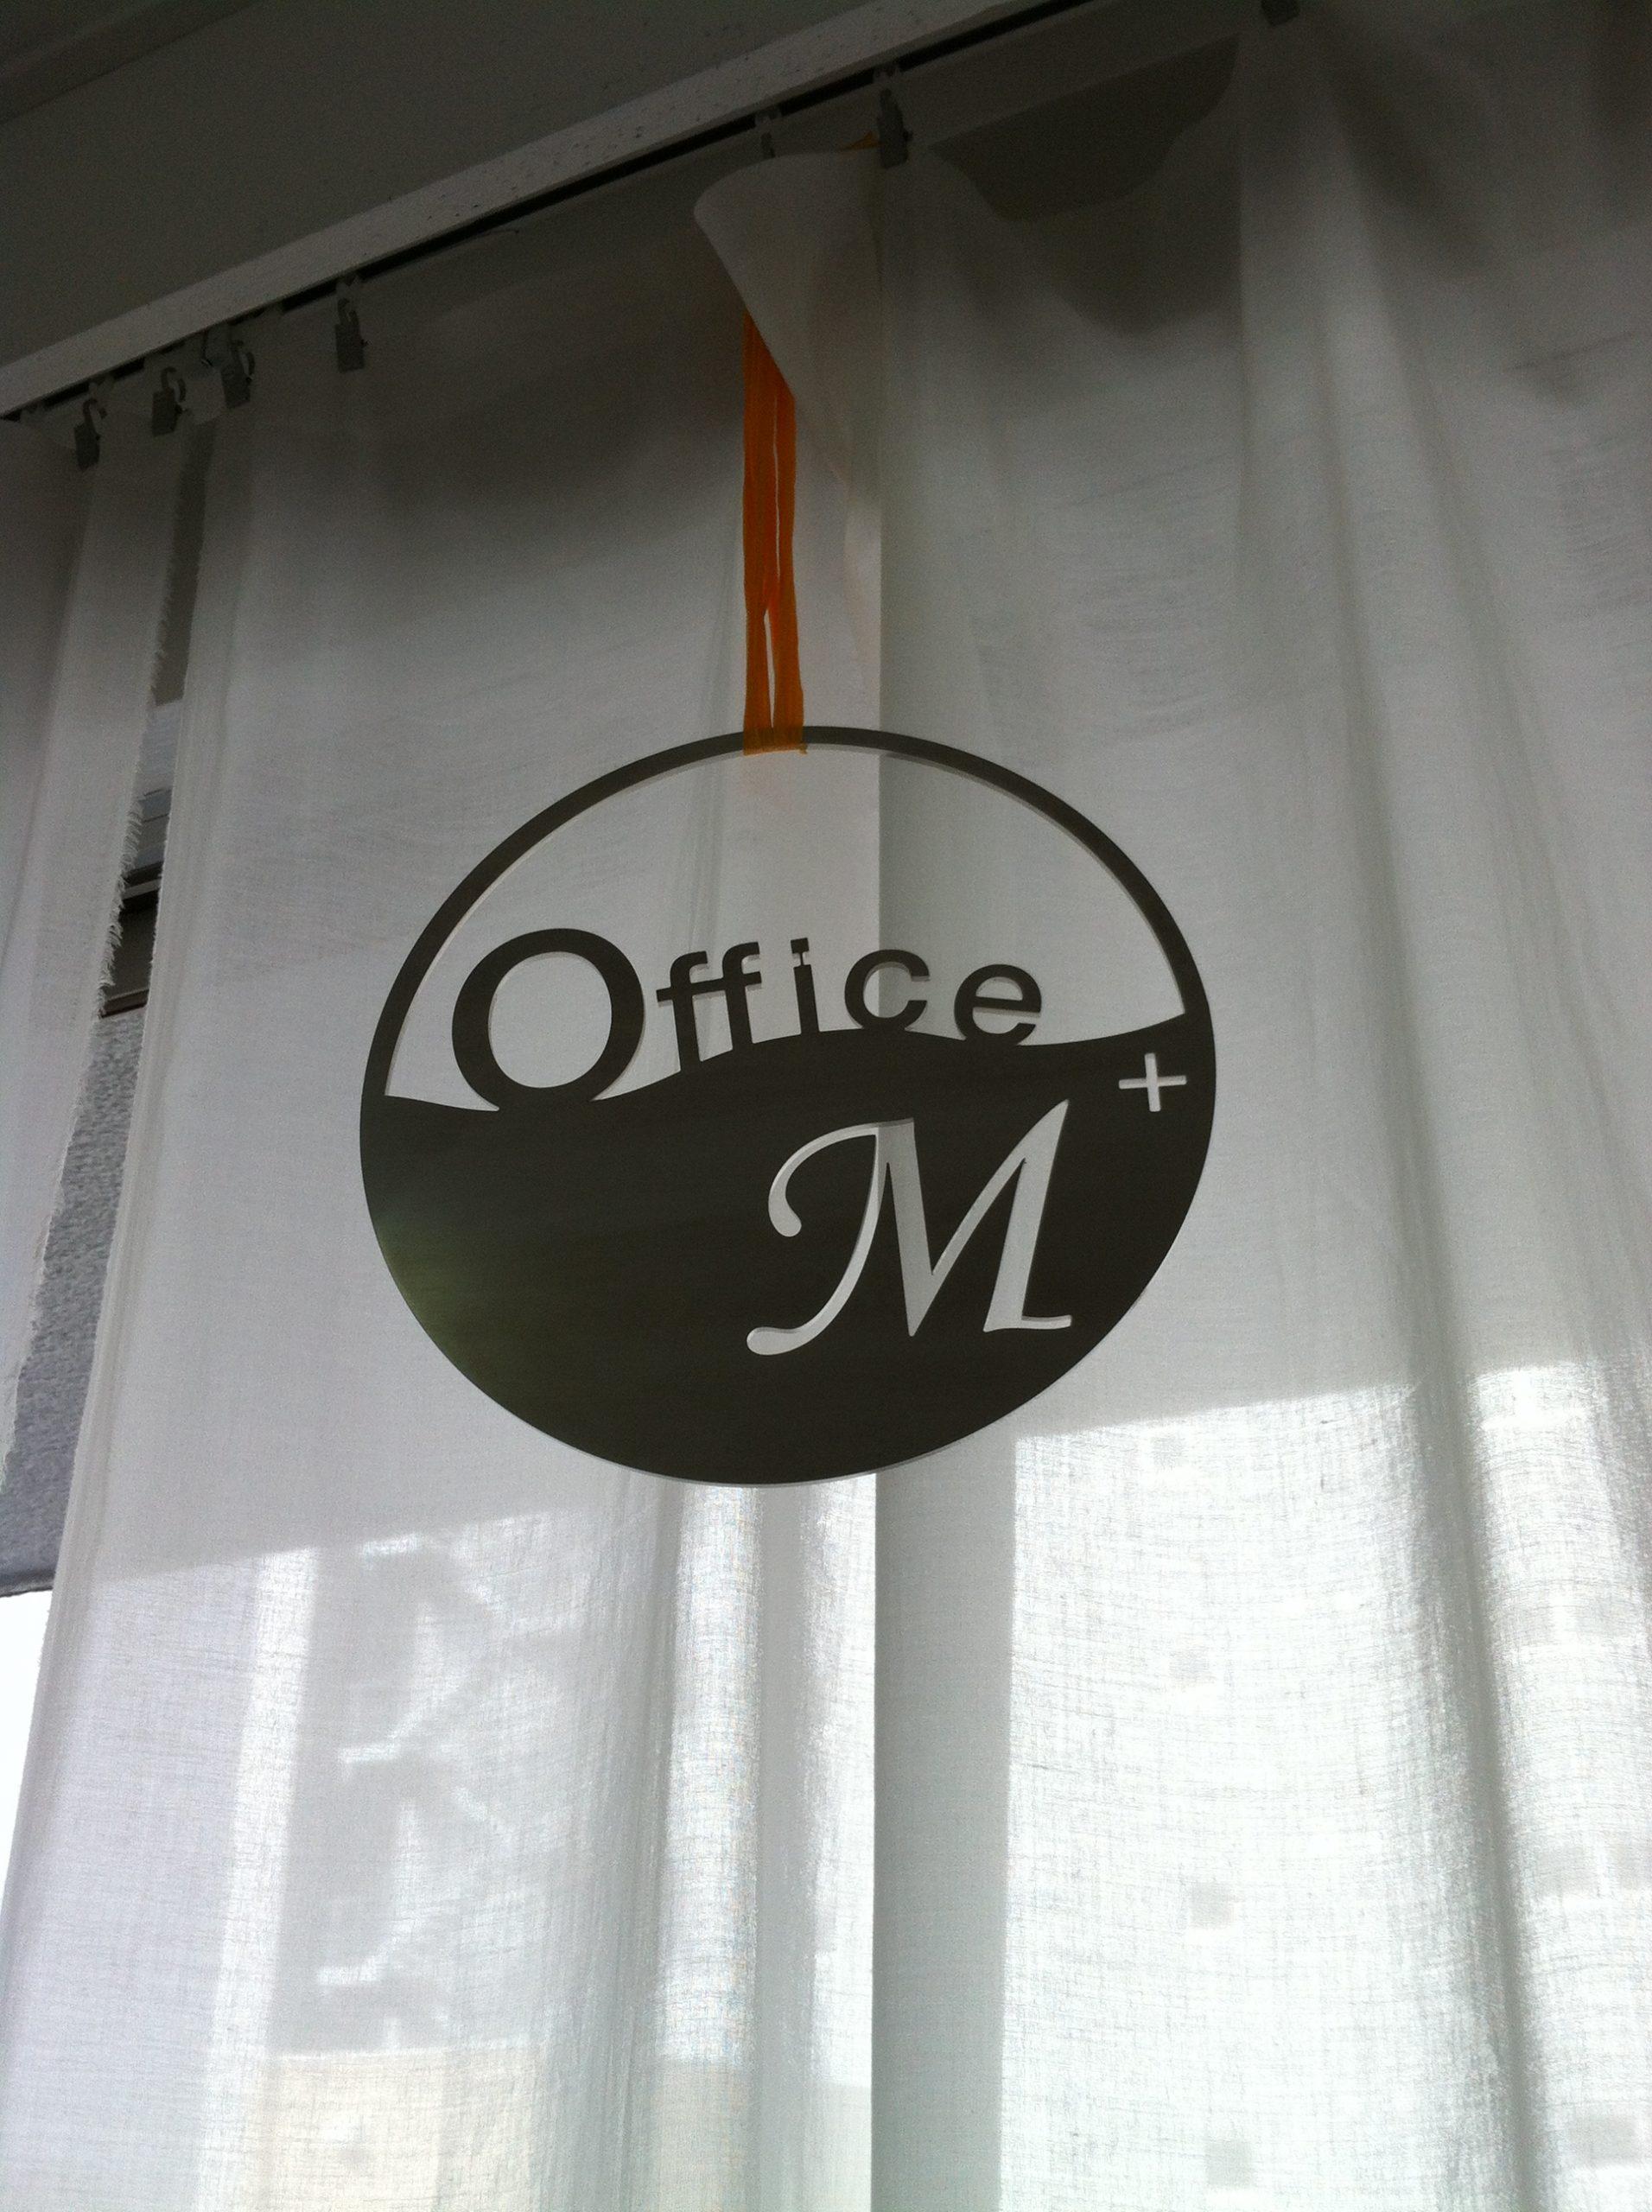 OfficeM ステンレスプレート